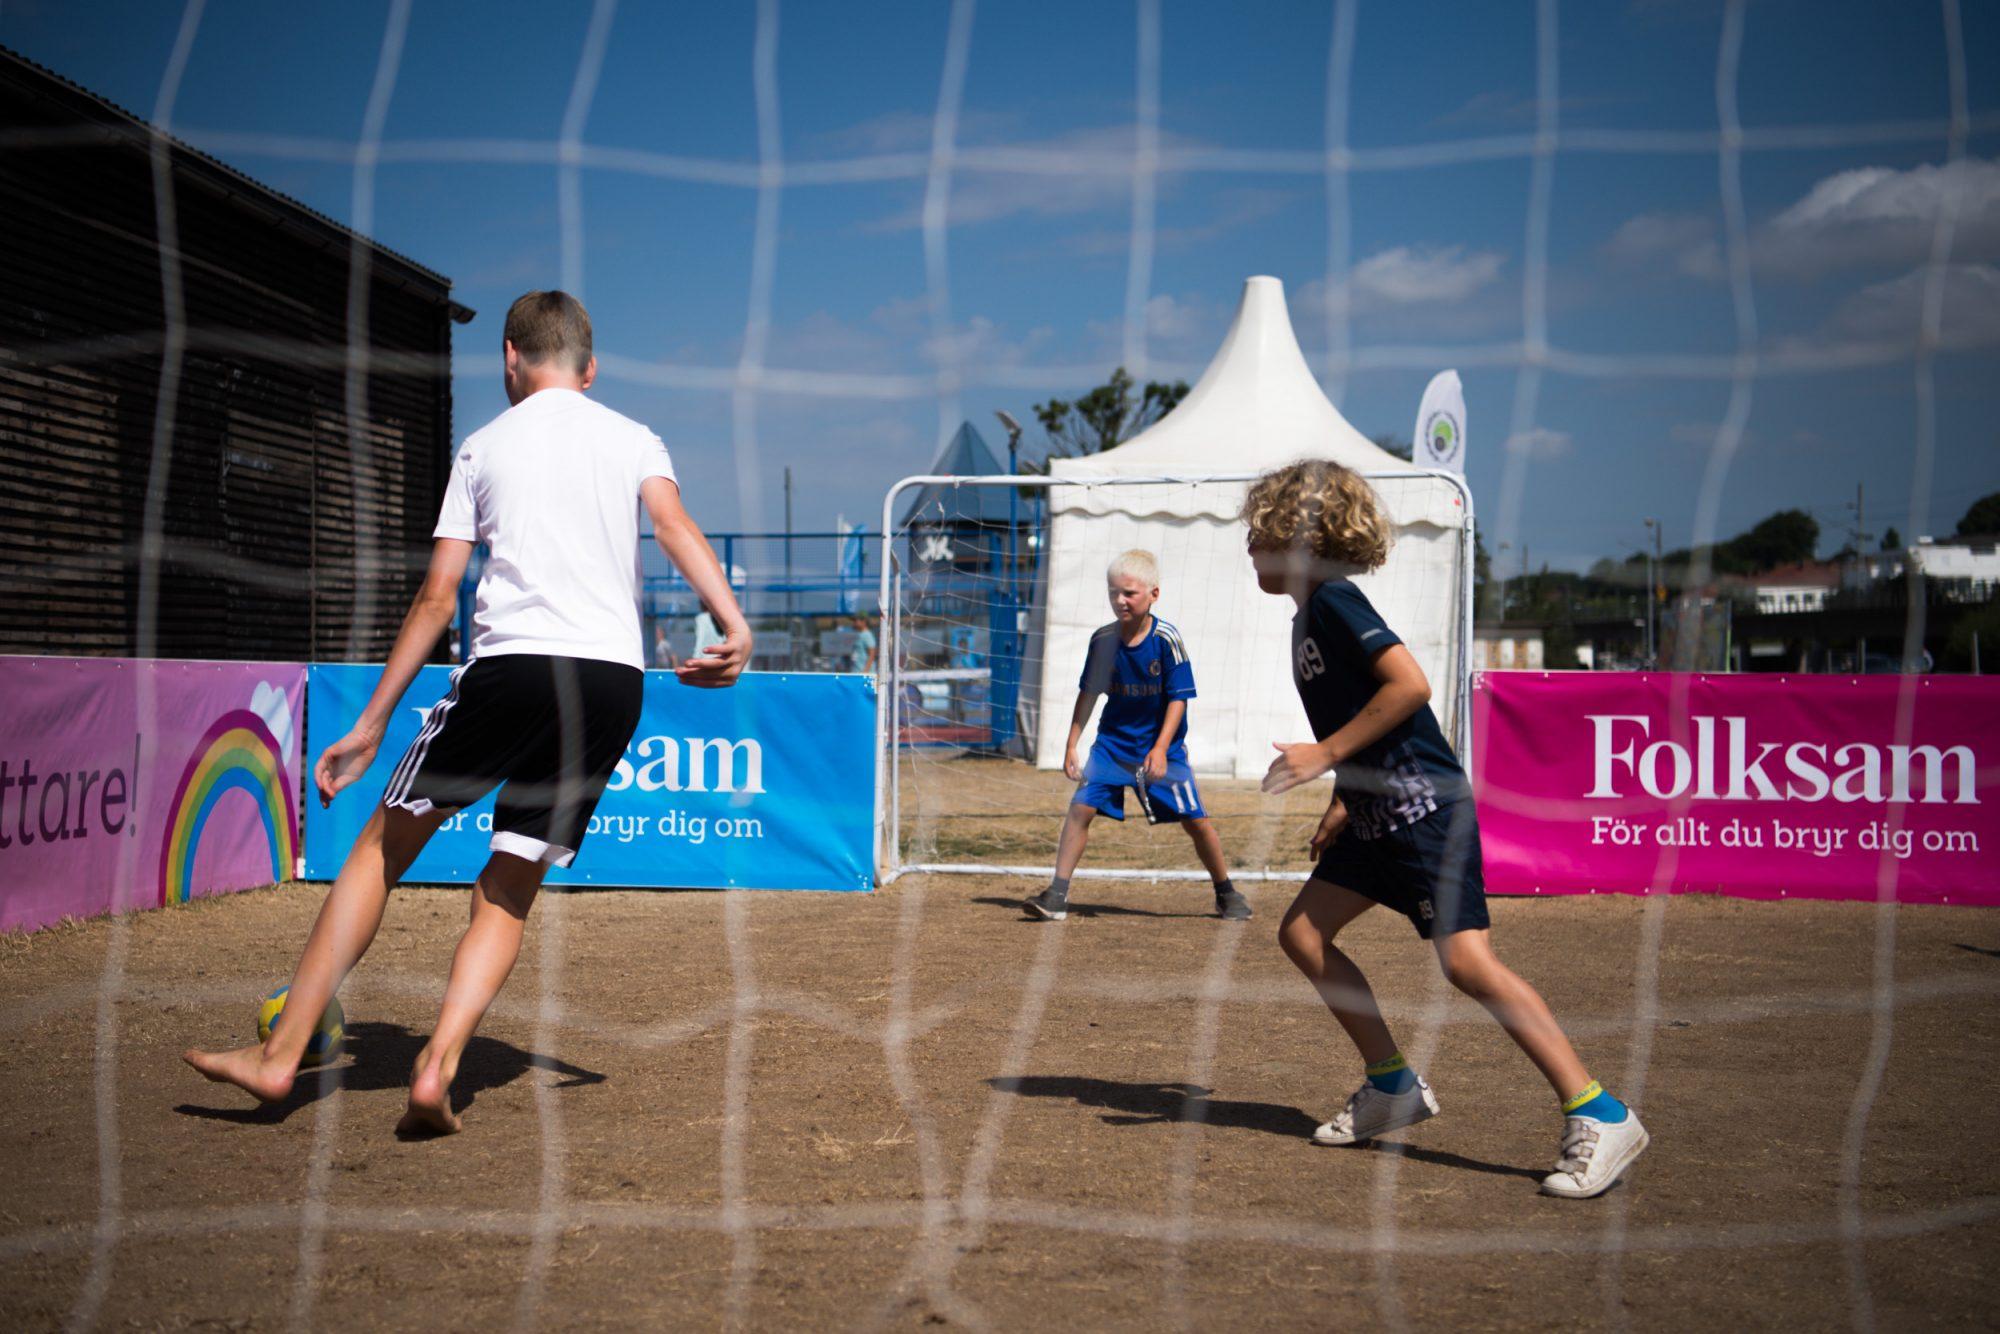 Barn spelar fotboll på Folksams fotbollsplan under dag 7 av SM-veckan 2018 den 8 juli 2018 i Helsingborg